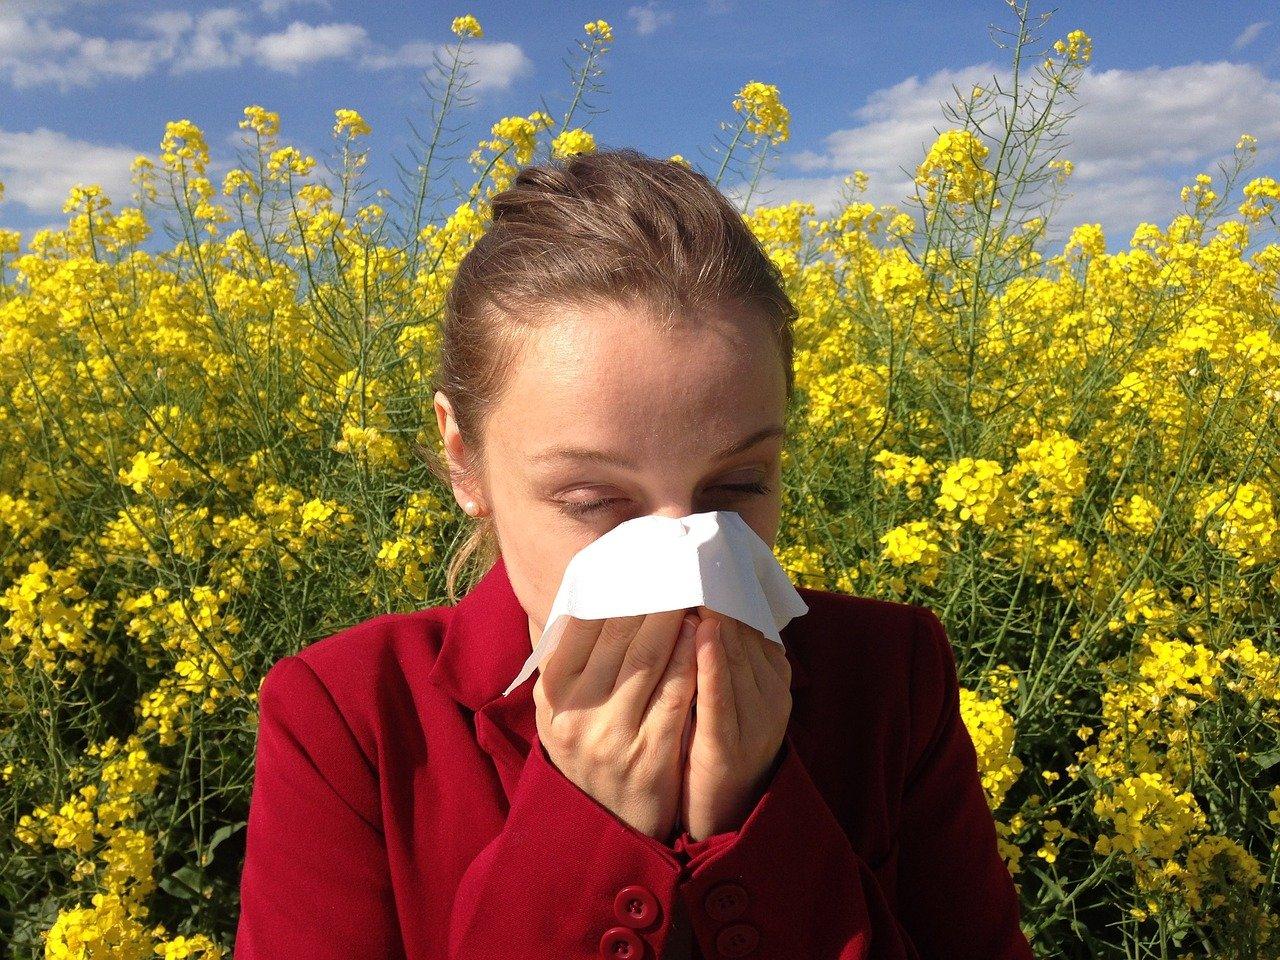 【花粉対策】髪の毛につく花粉は見落としがち!かゆい・パサパサ原因に!おすすめシャンプー情報